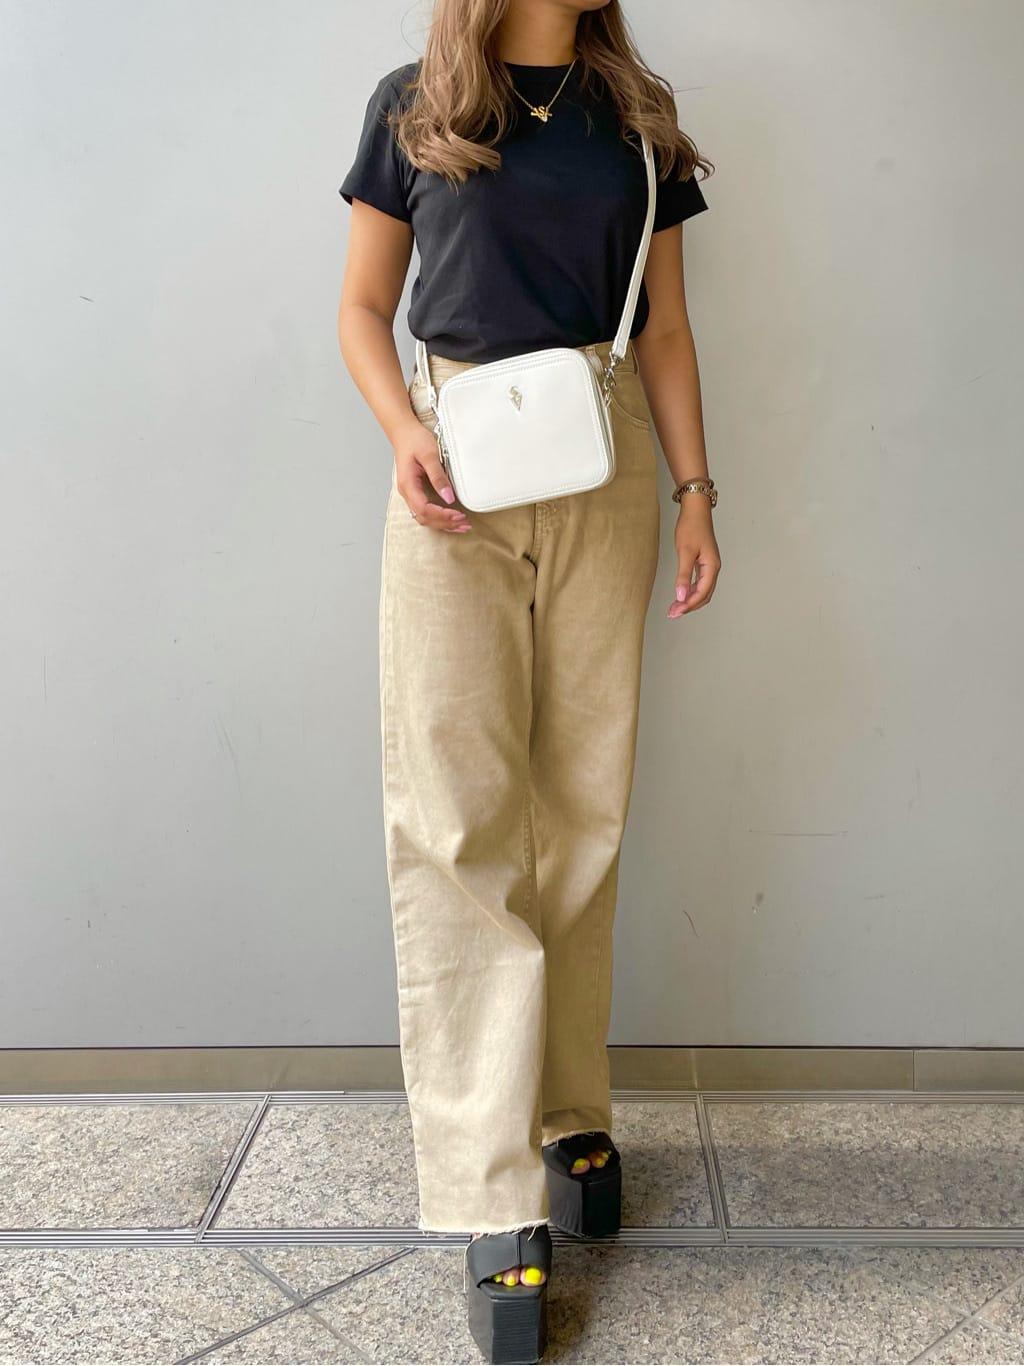 SAMANTHAVEGA Celebrity 近鉄パッセ店 Yuki